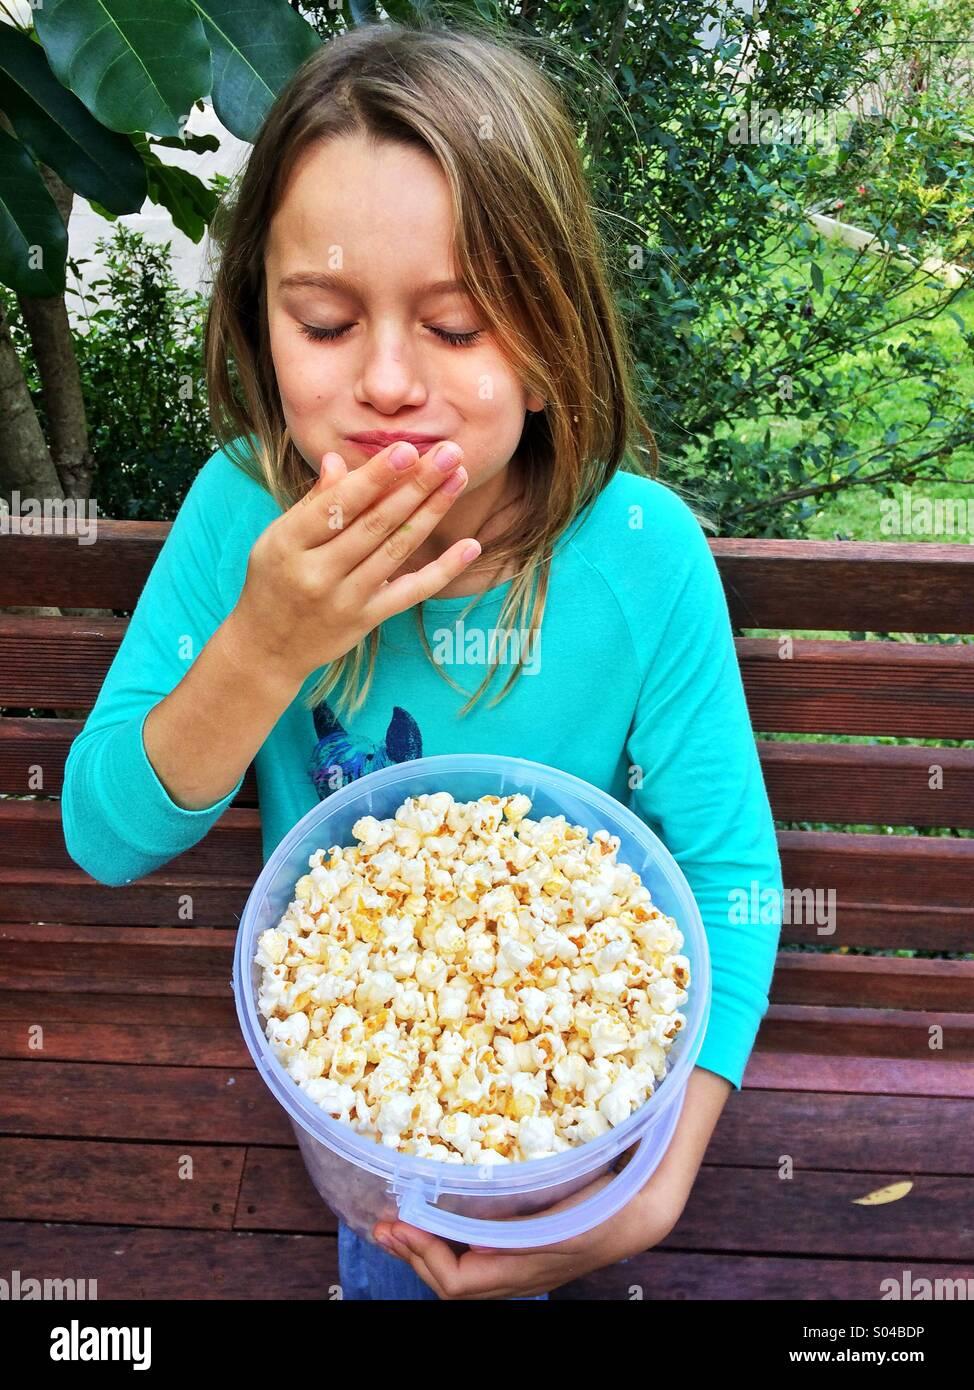 Ragazza giovane mangiare popcorn Immagini Stock